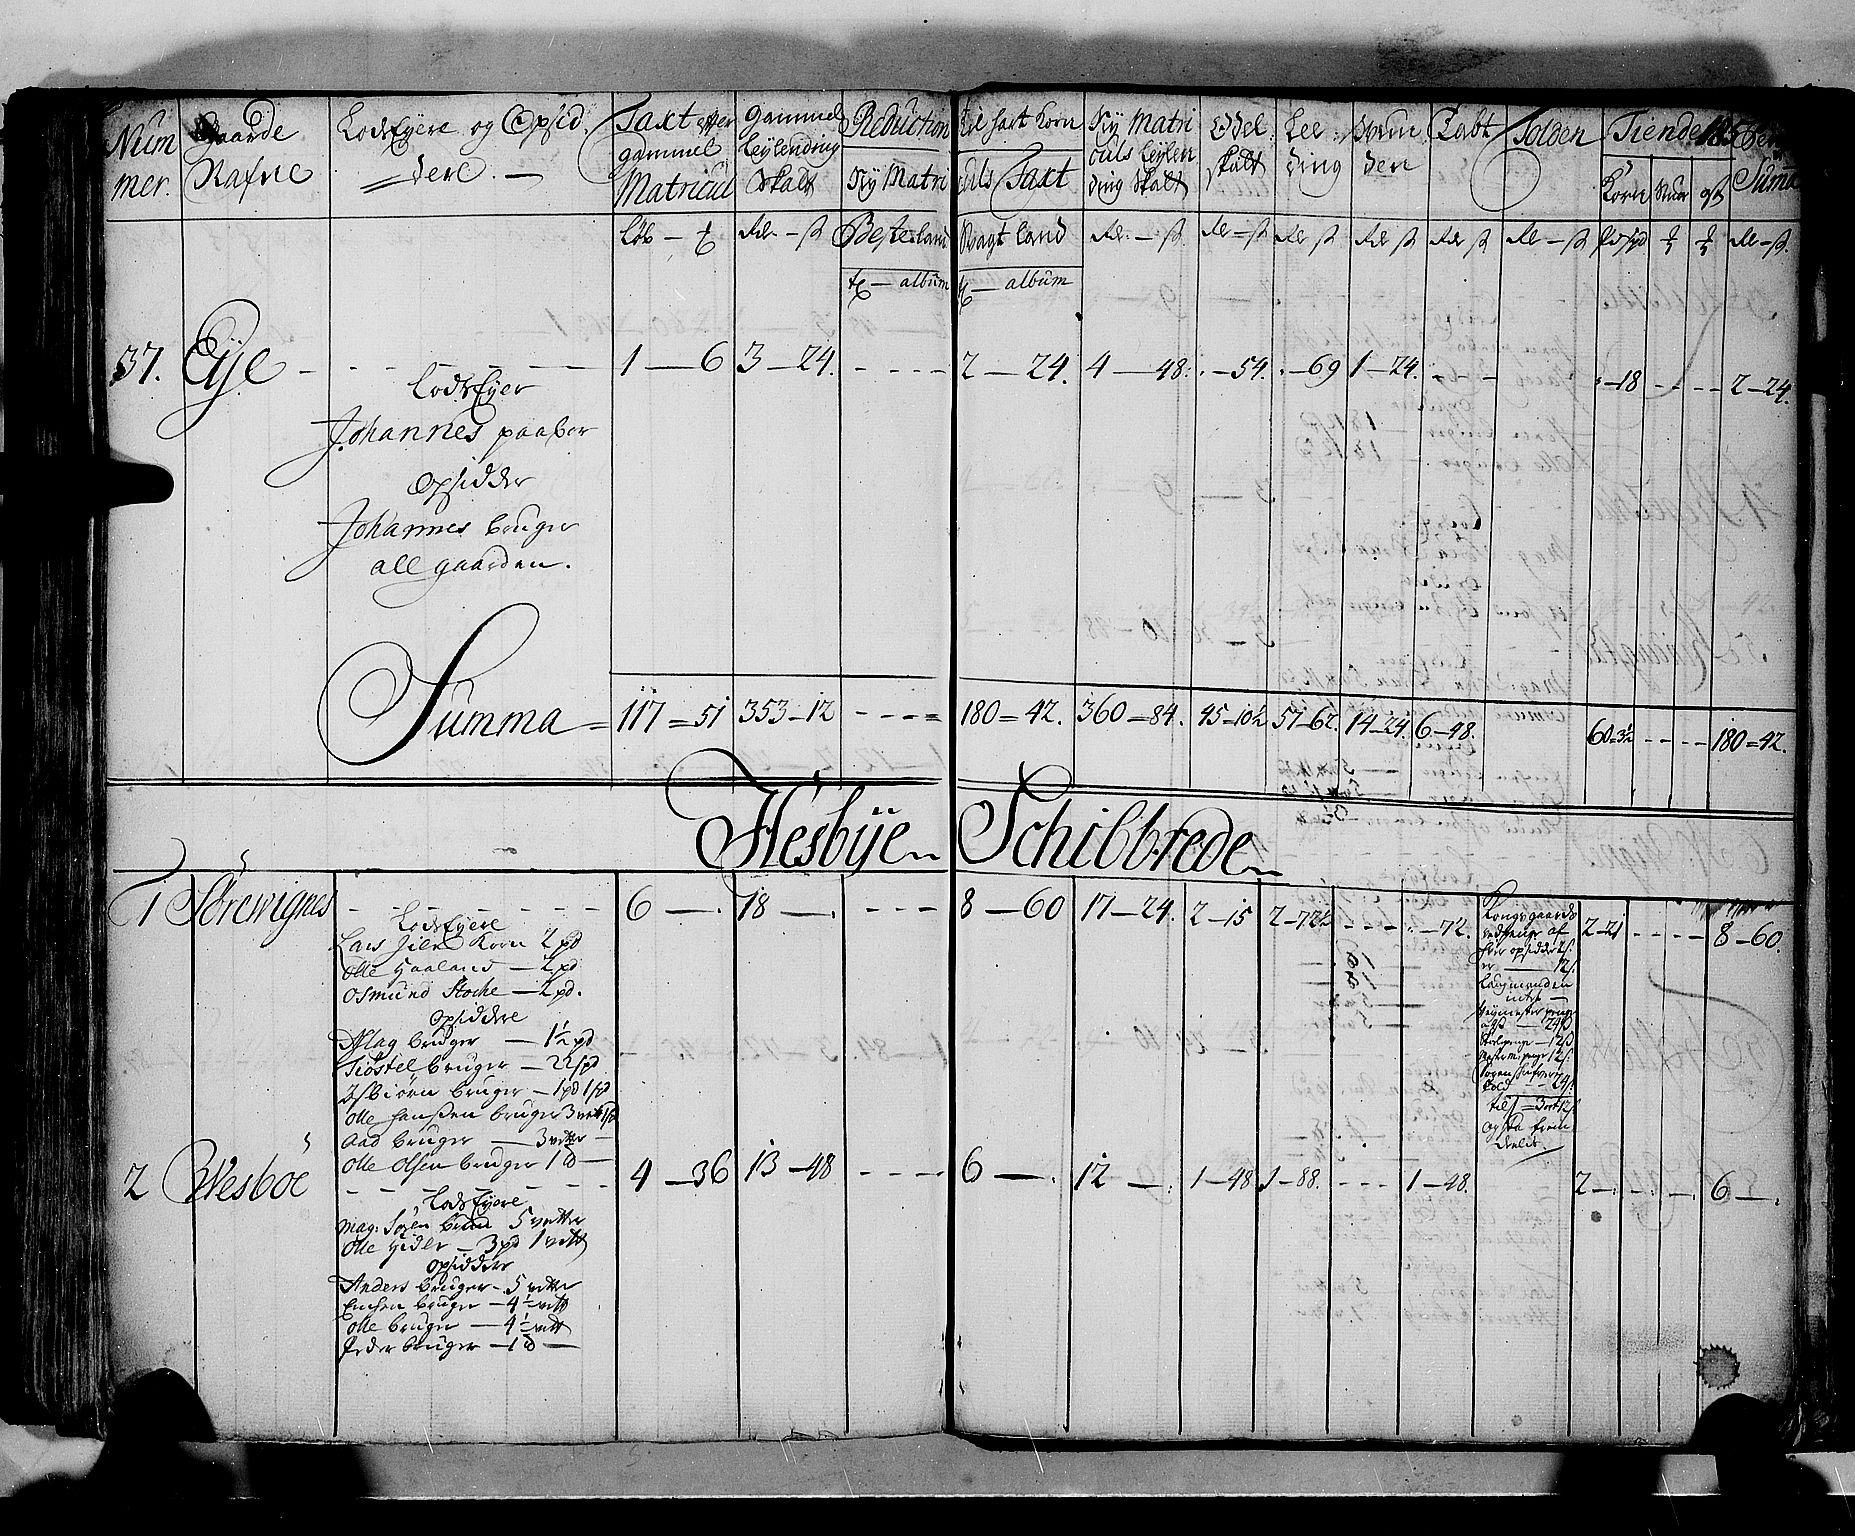 RA, Rentekammeret inntil 1814, Realistisk ordnet avdeling, N/Nb/Nbf/L0133b: Ryfylke matrikkelprotokoll, 1723, s. 184b-185a